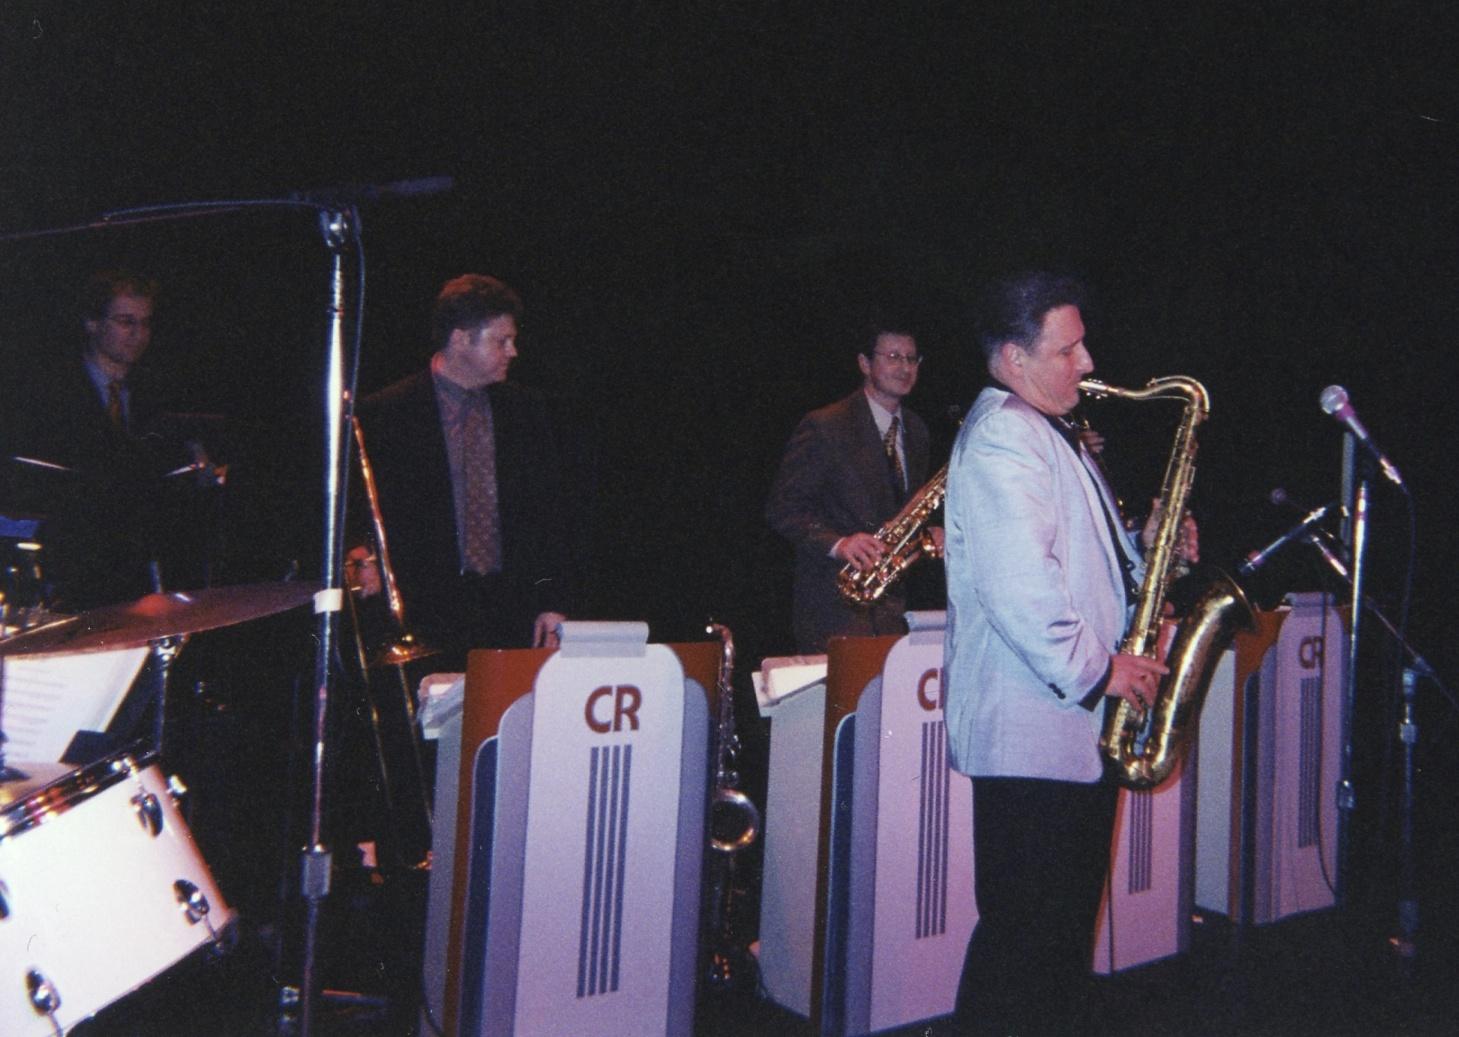 2002-03-03 IRVING PLAZA (2).jpg